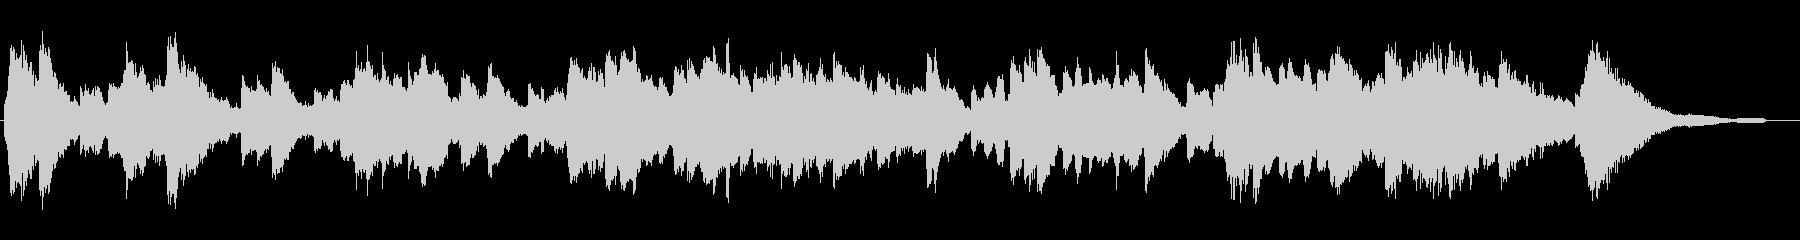 ほのぼのとしたエレピのジングルの未再生の波形